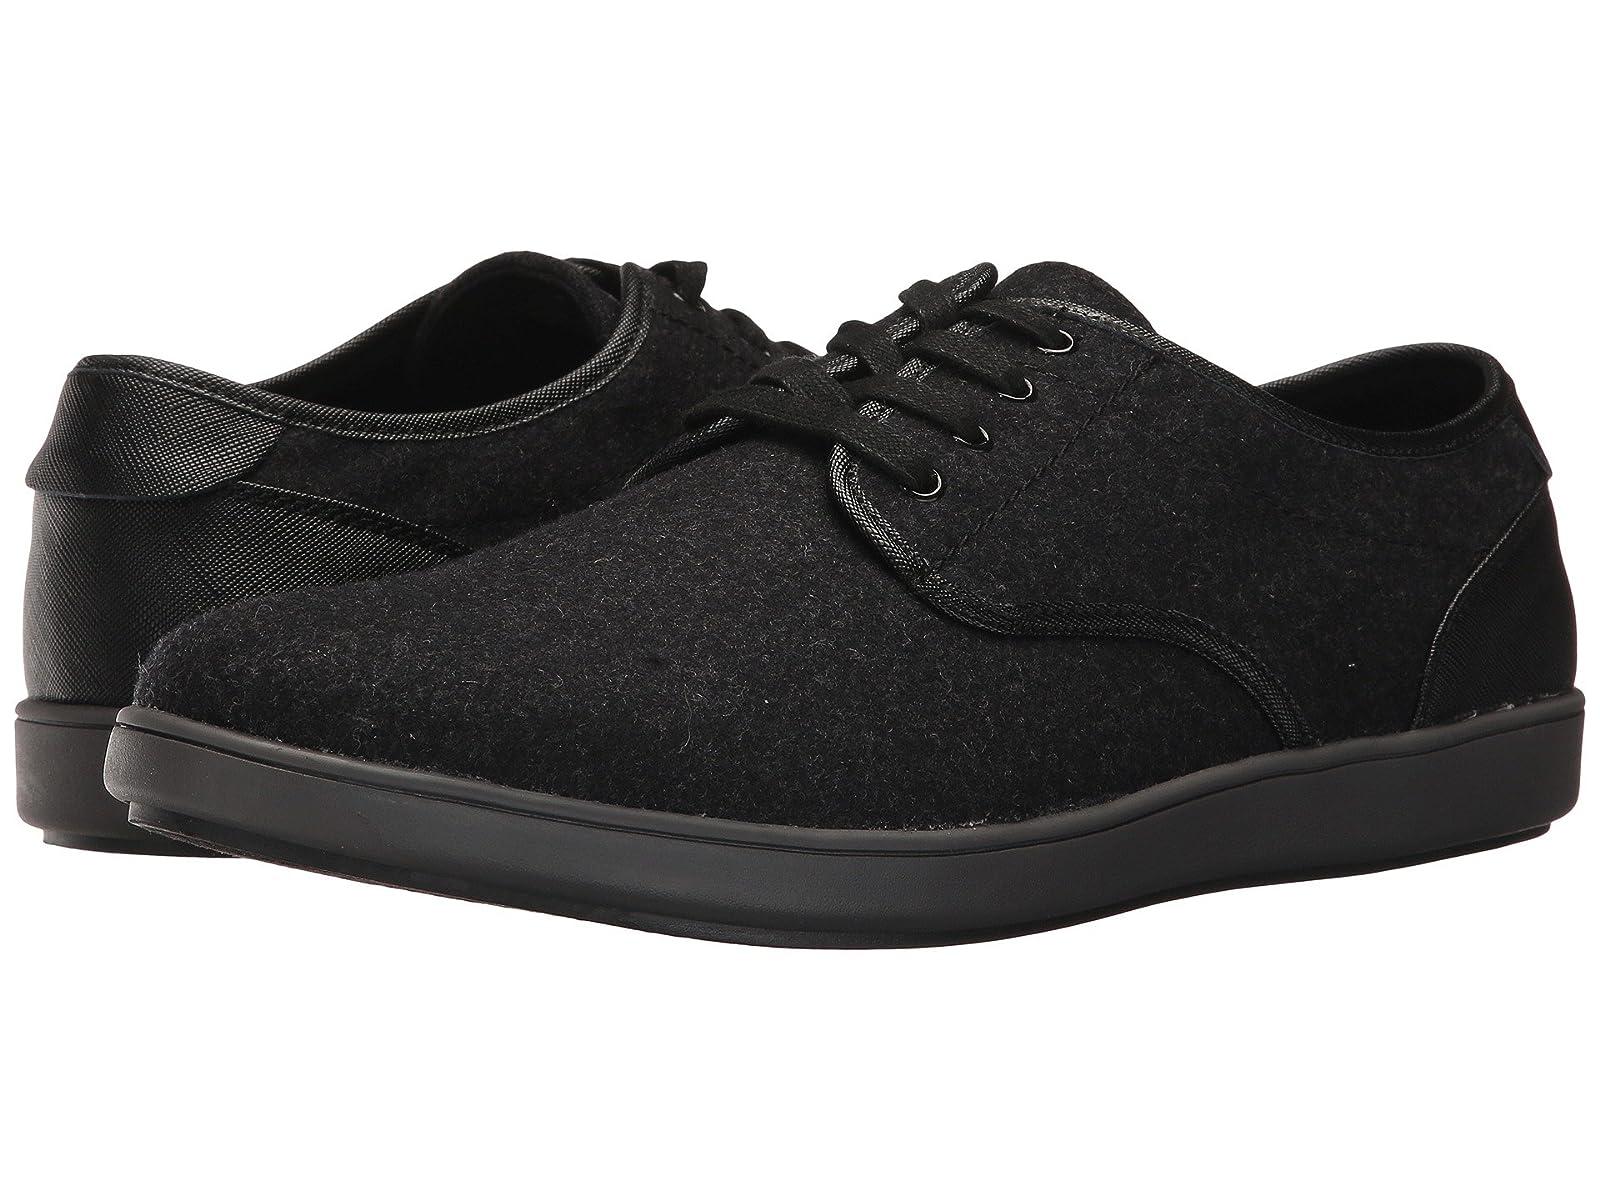 Steve Madden FastoAtmospheric grades have affordable shoes